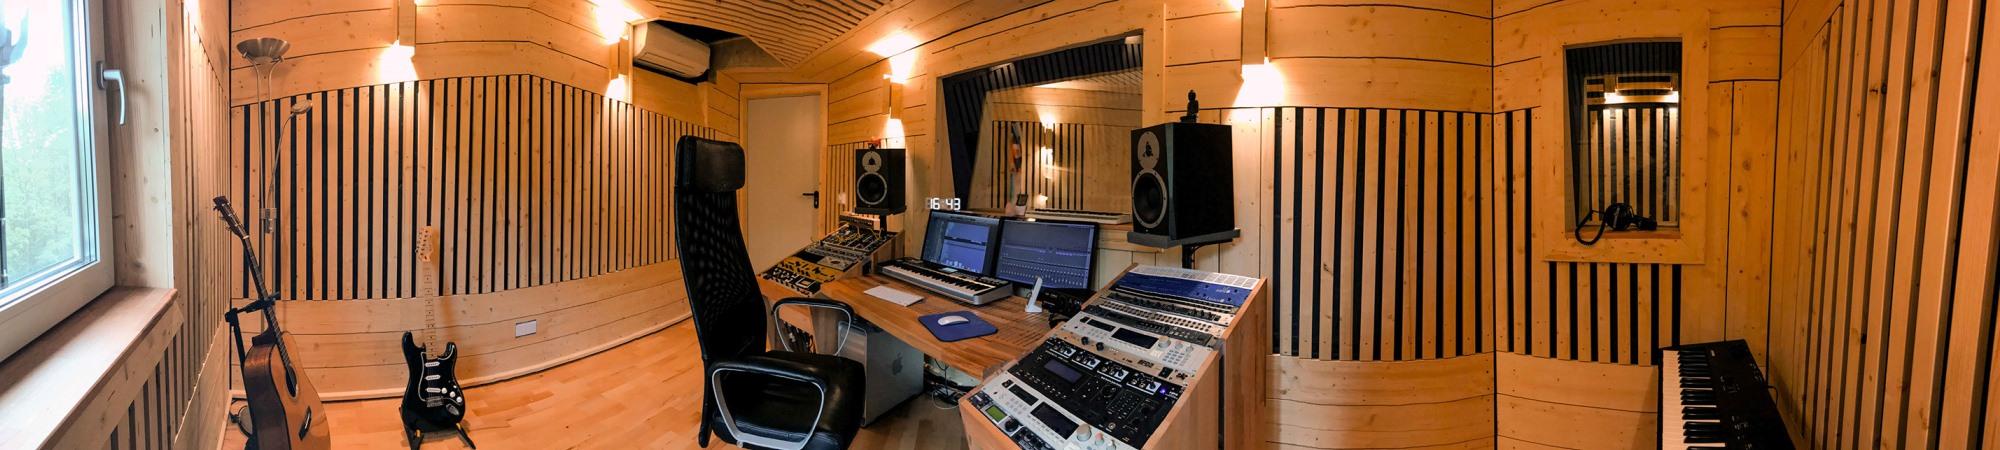 tonstudio mieten münchen twh studio munic